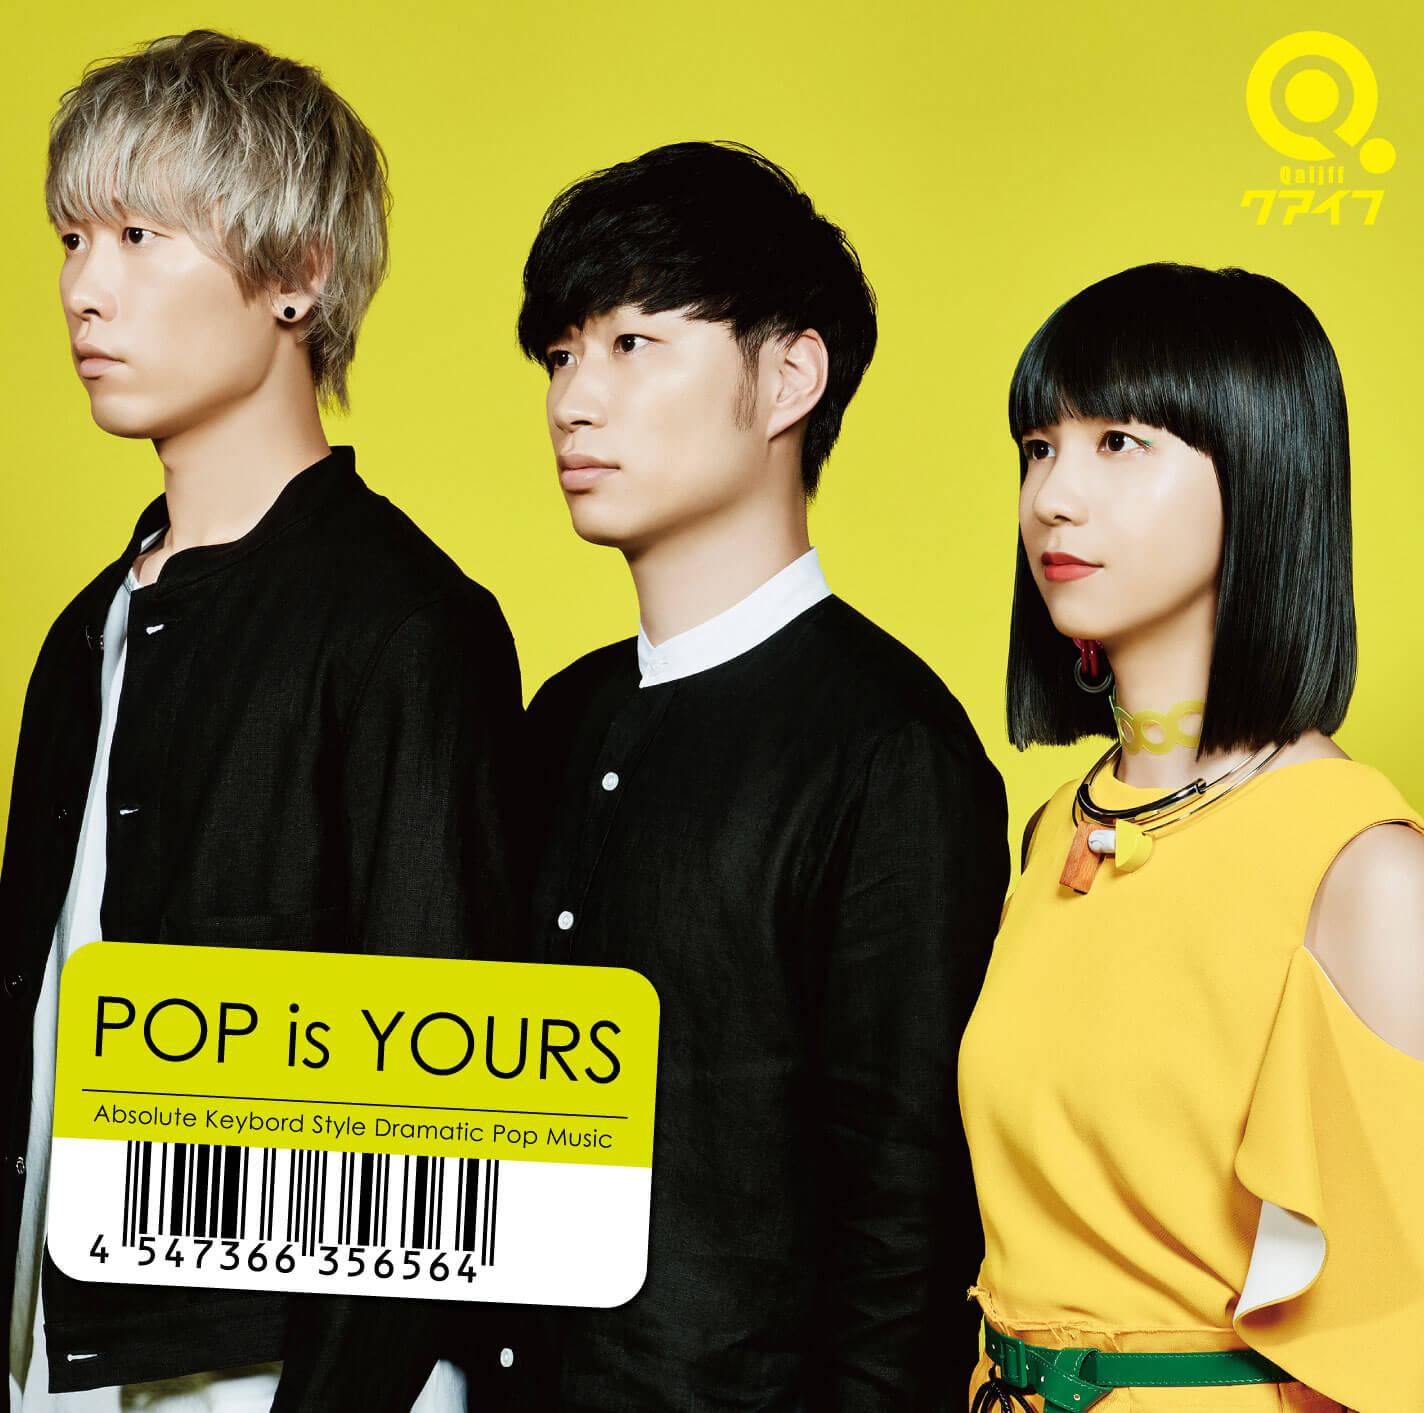 クアイフ、メジャー1stアルバム「POP is YOURS」のジャケットビジュアル・収録内容を解禁サムネイル画像